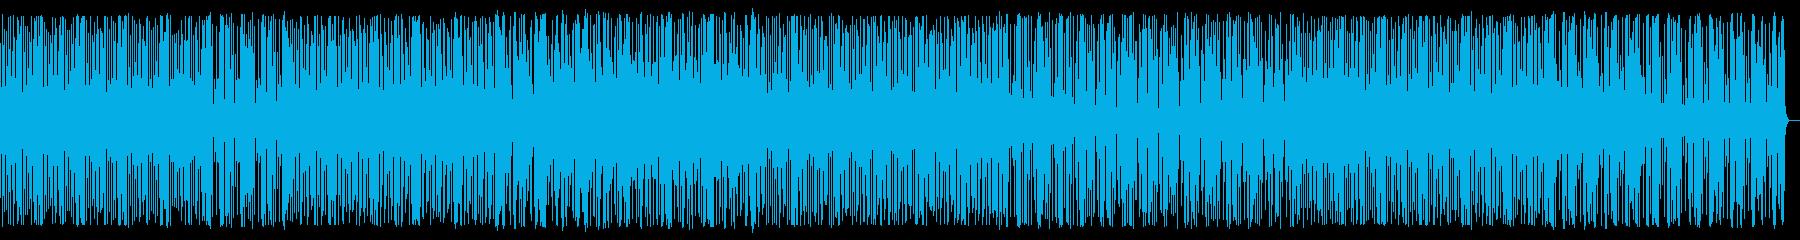 陽気なアシッドミニマルEDMの再生済みの波形